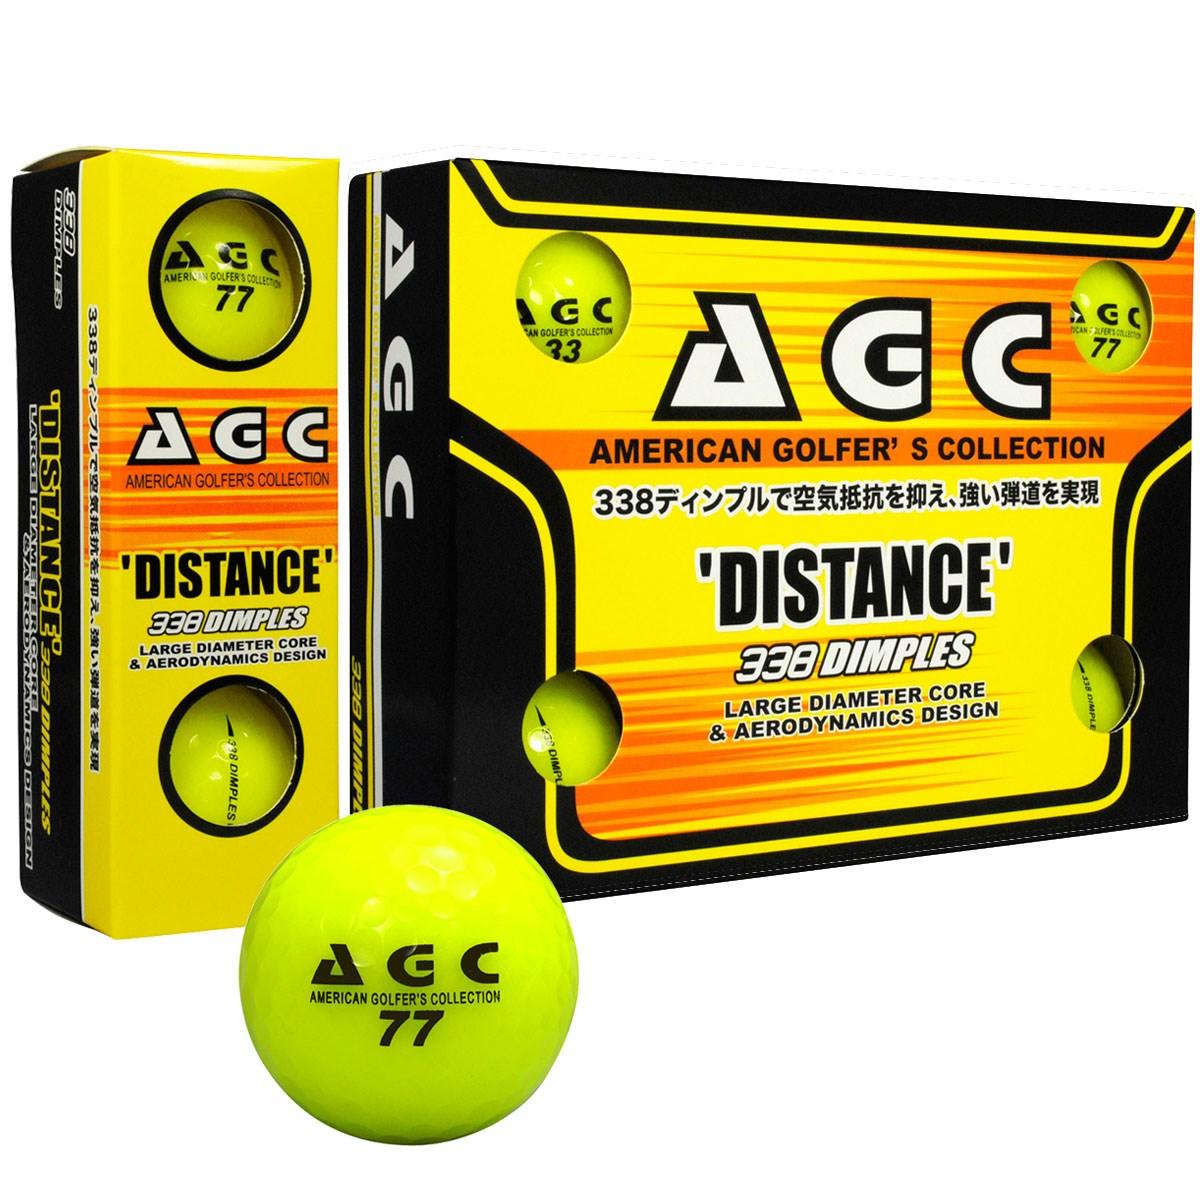 レザックス AGC 高輝度ネオンボール 1ダース(12個入り) イエロー 【非公認球】